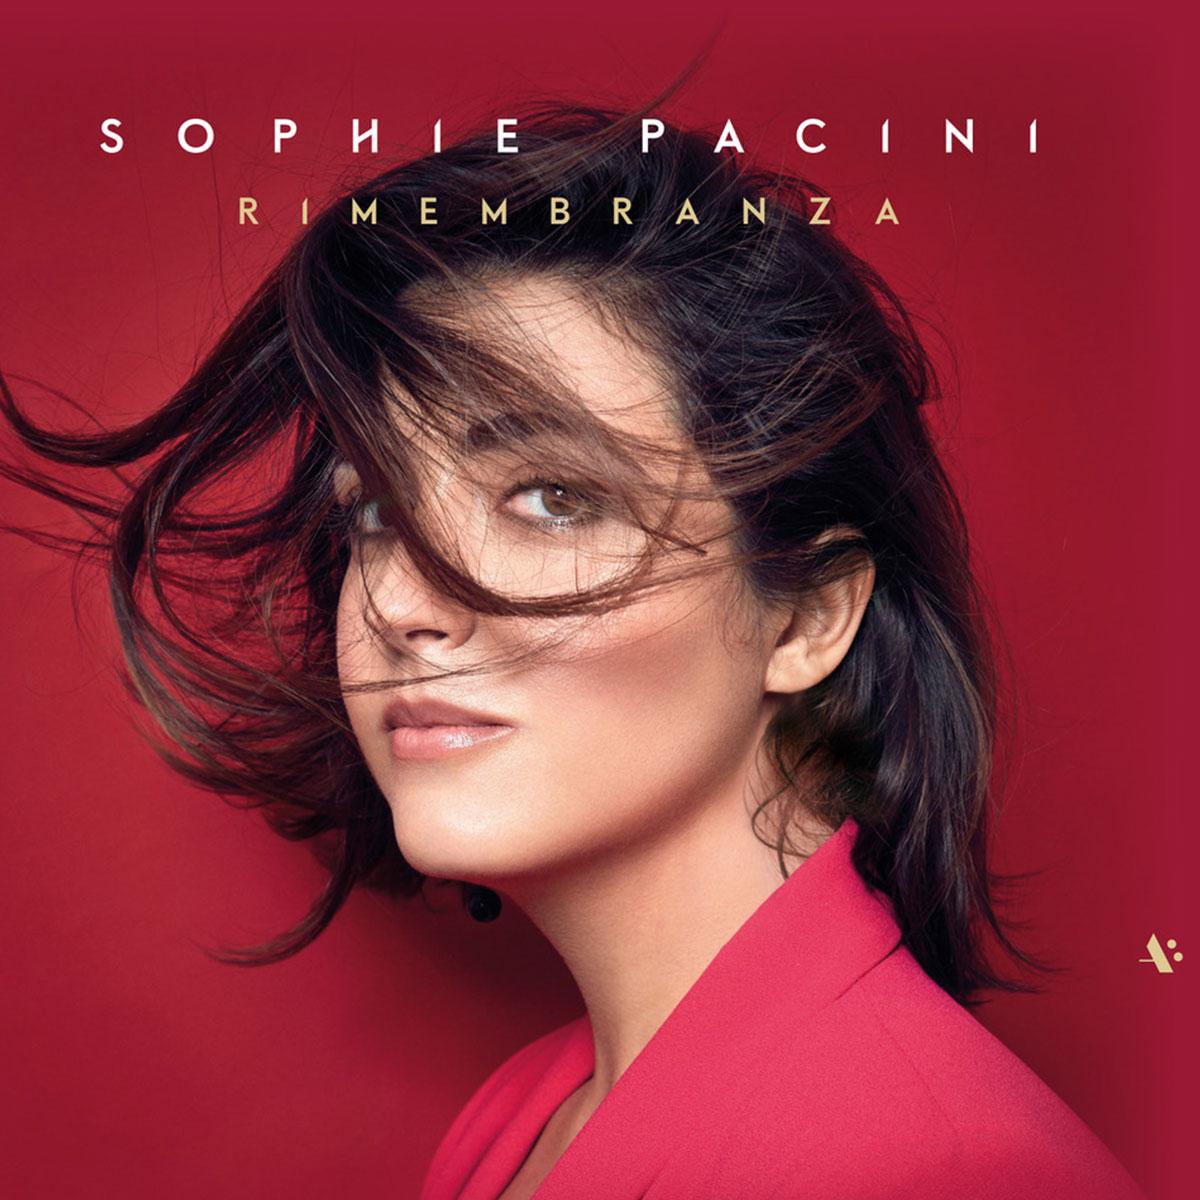 Sophie Pacini Album-Cover Rimembranza